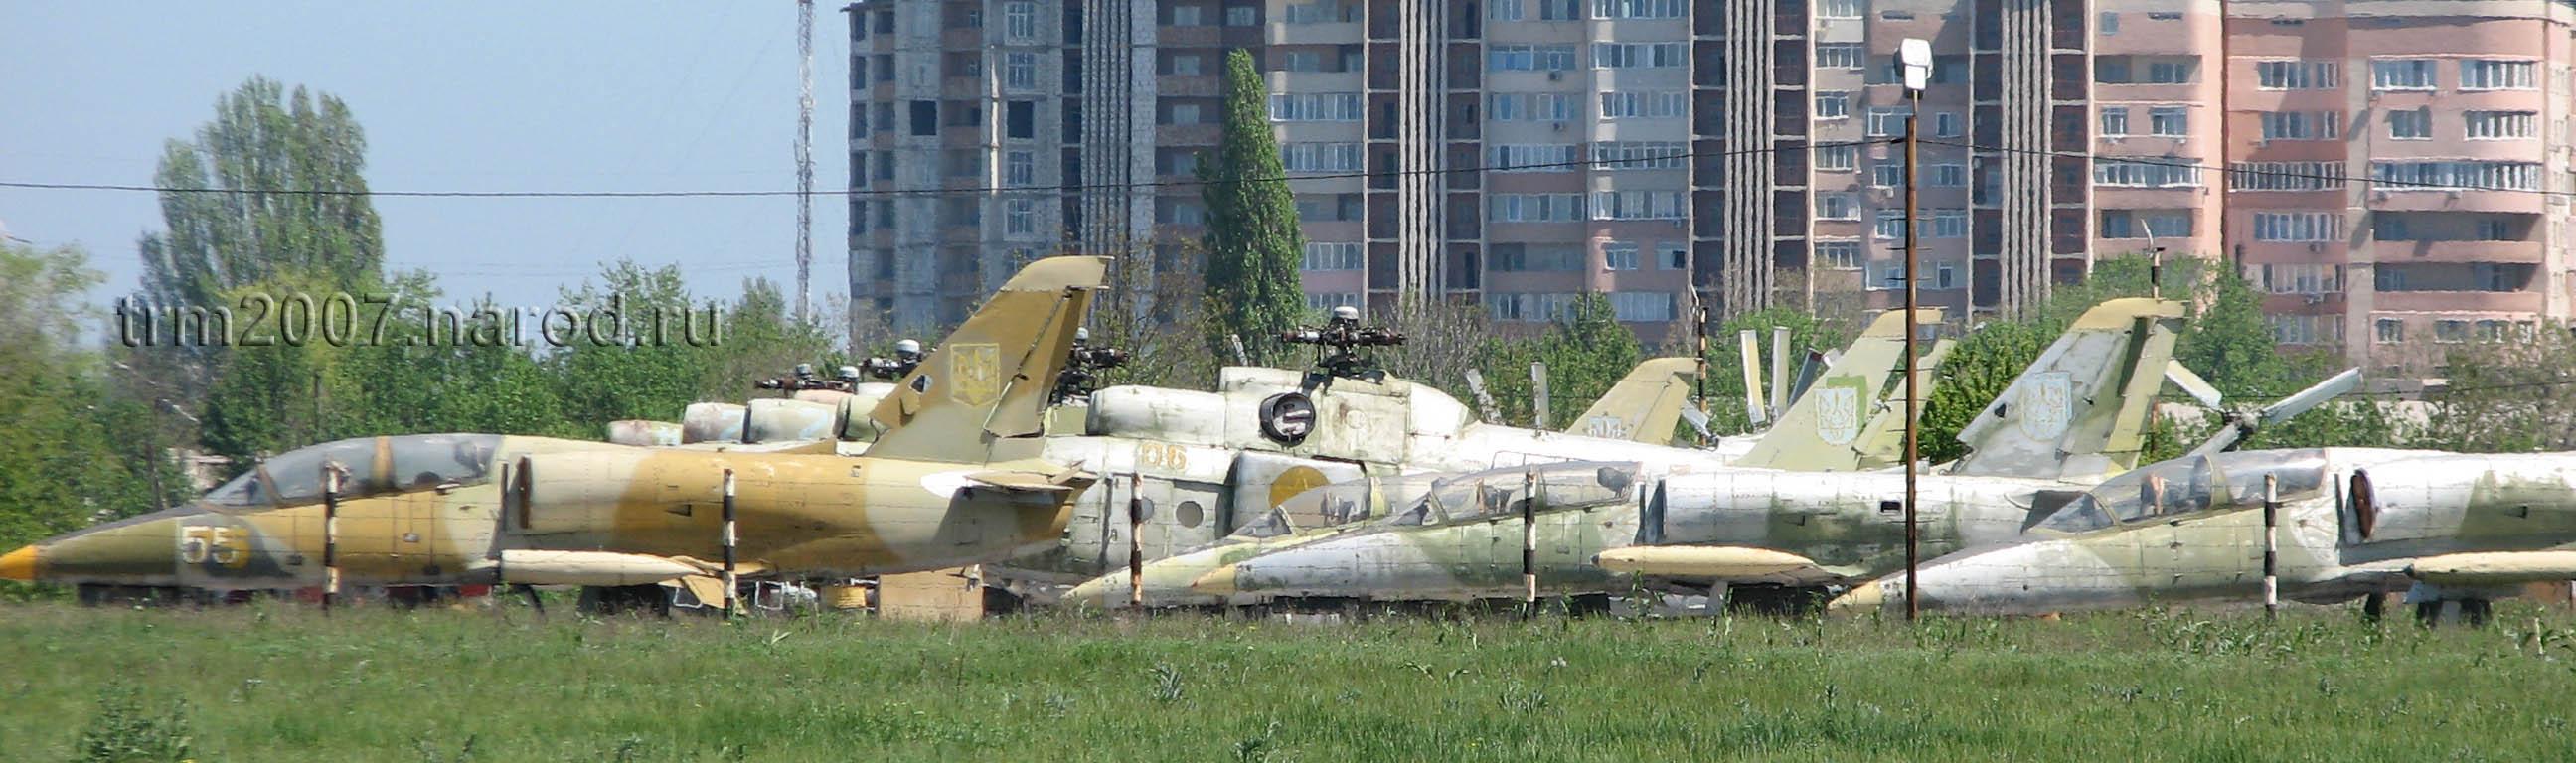 Л-39 на фоне МИ-8